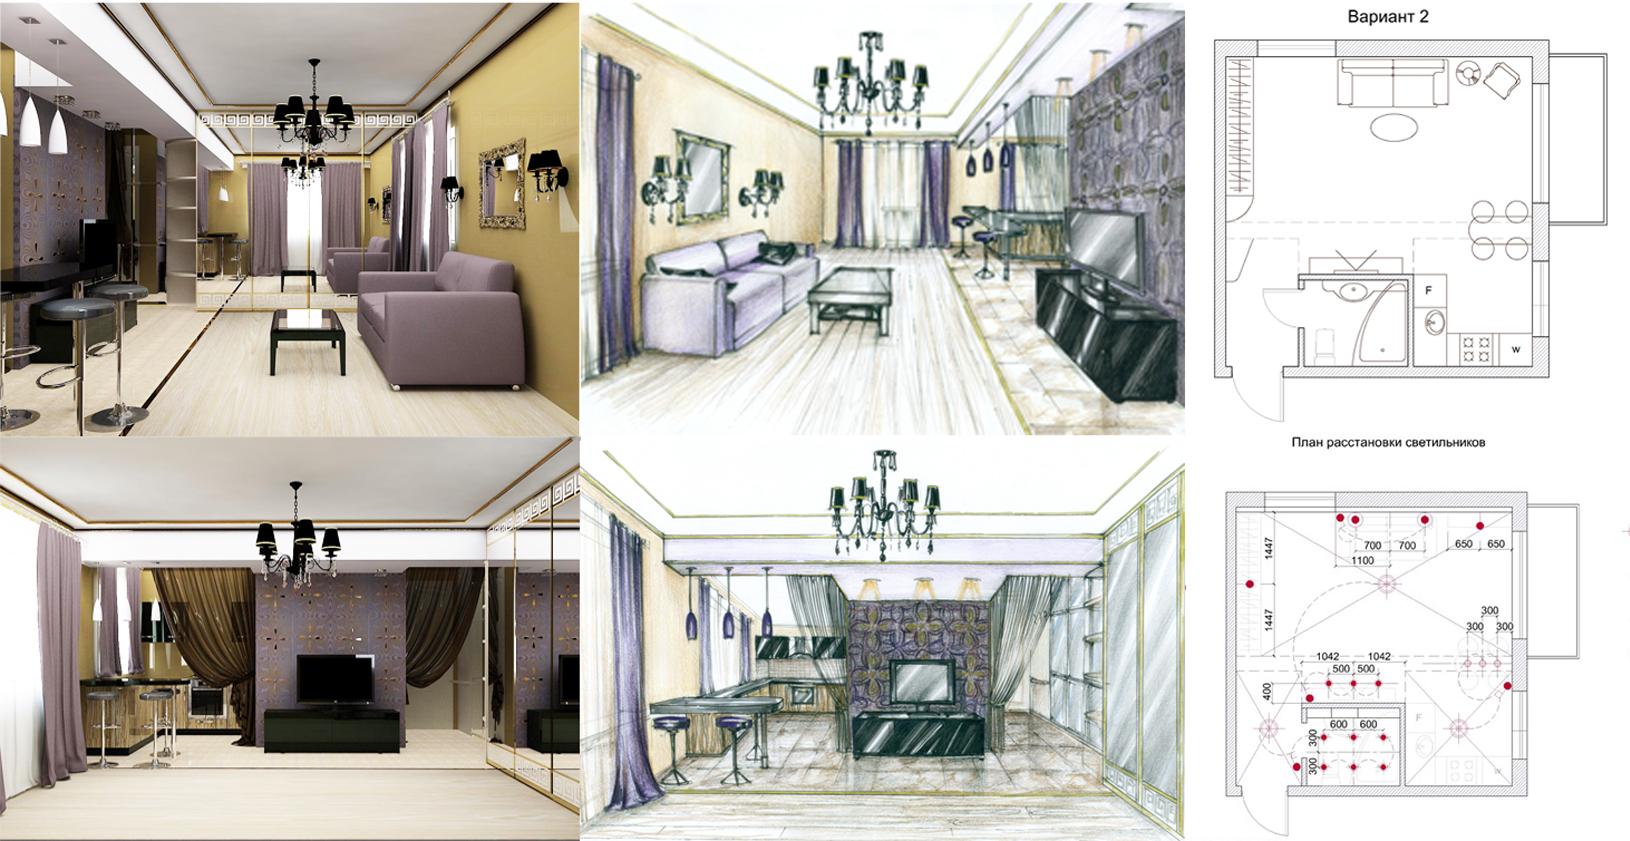 Скачать книгу по дизайну домов и квартир